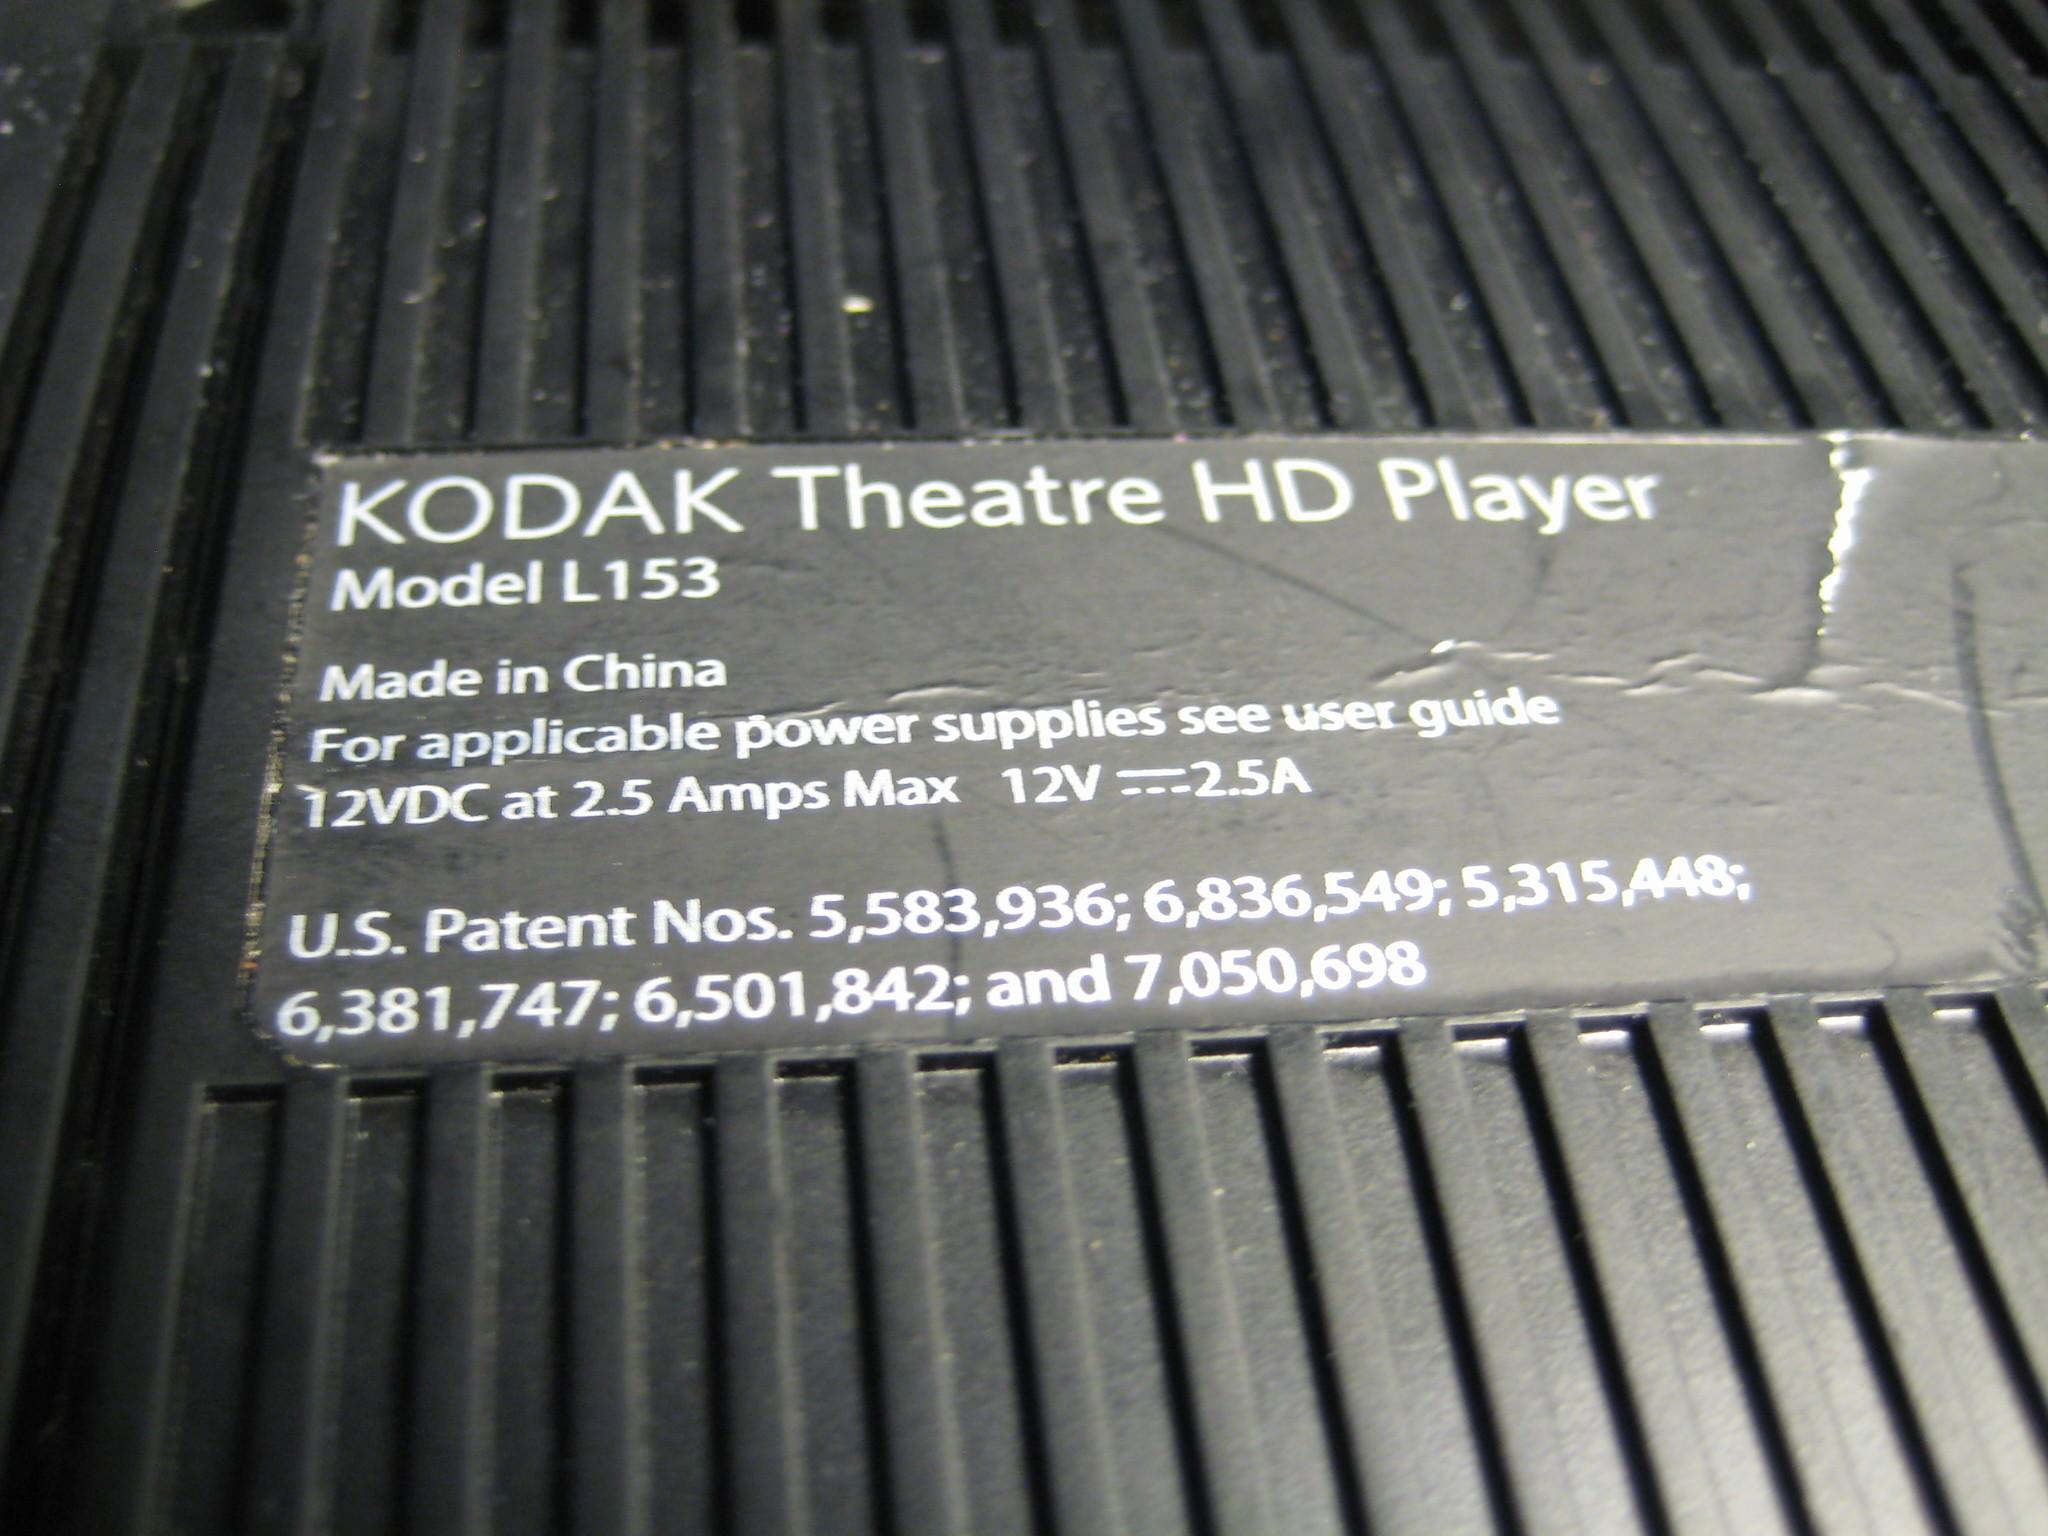 Teardown of the Kodak Theatre HD Player (L153)